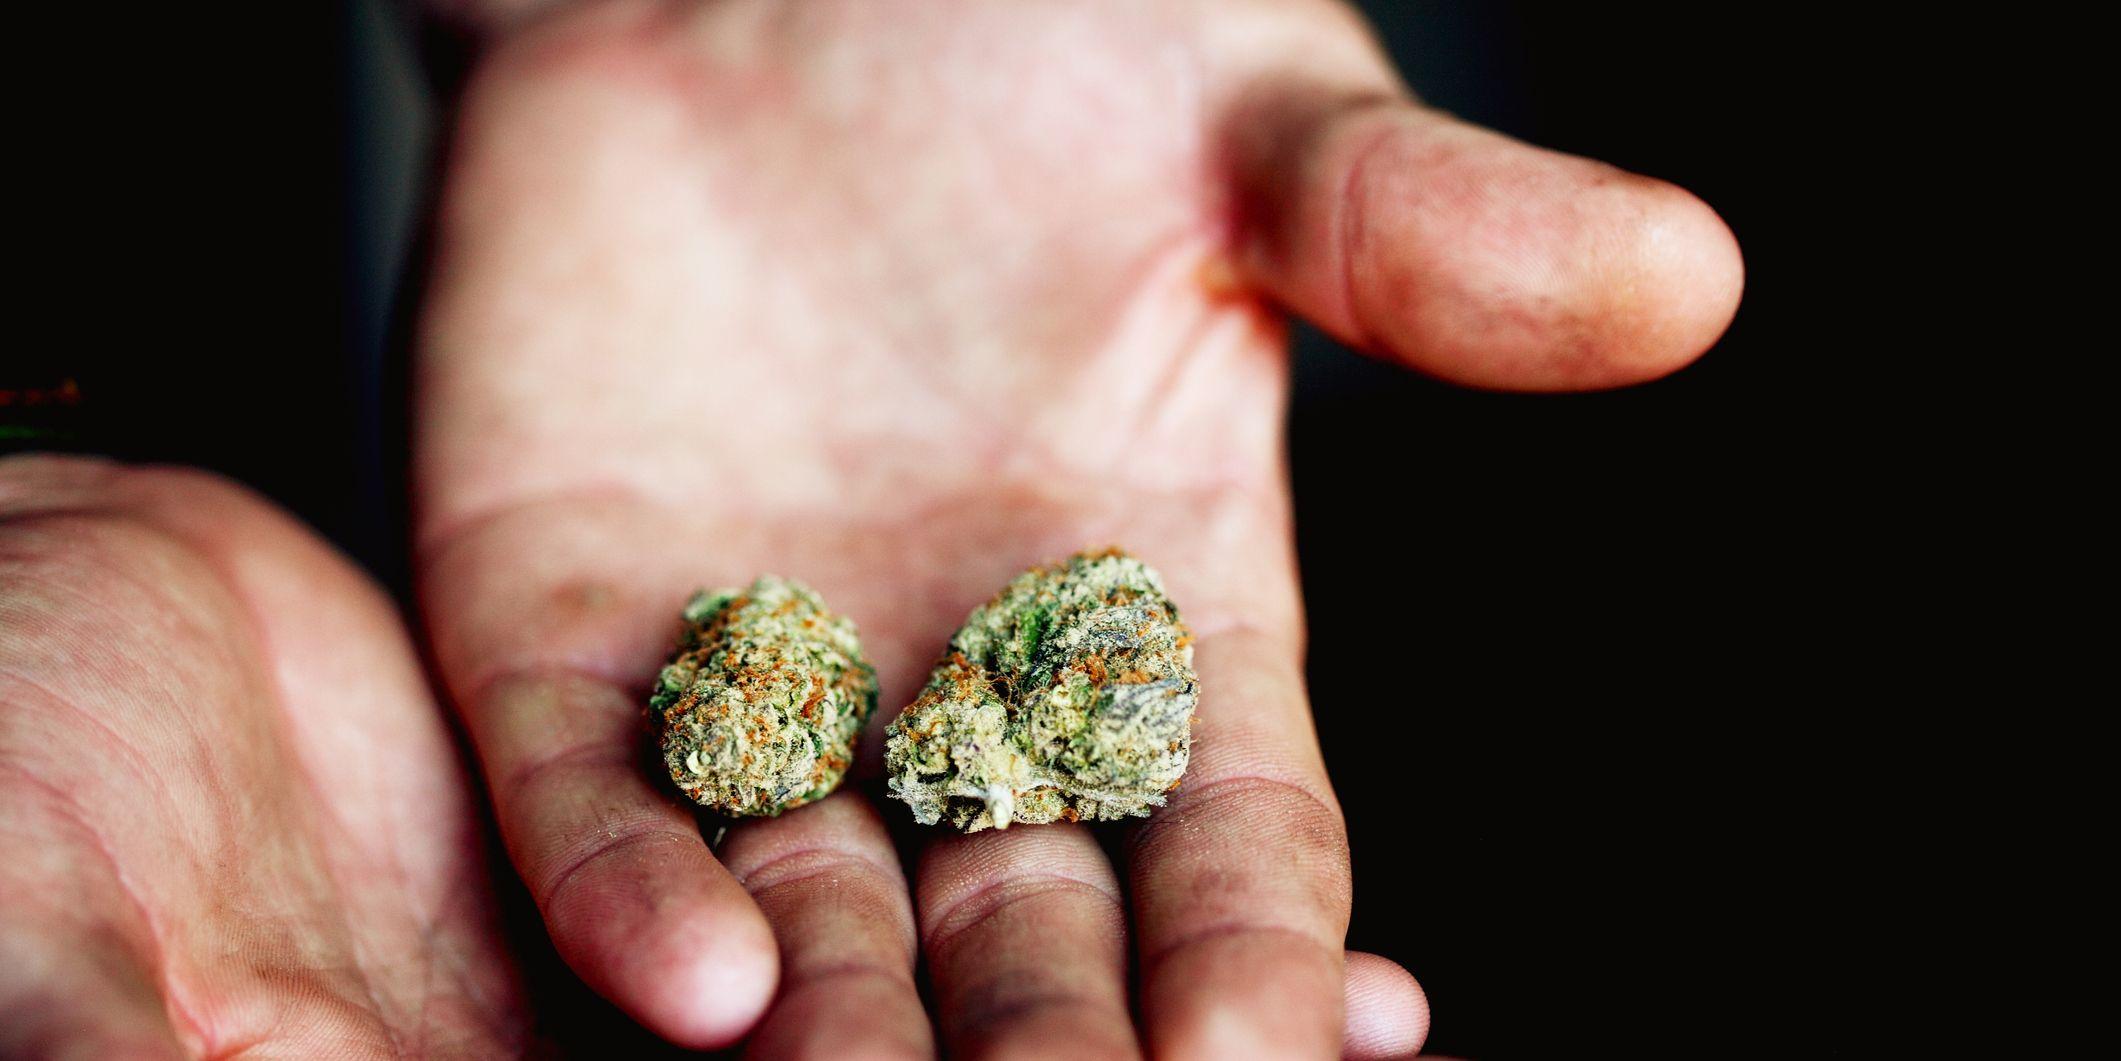 Cropped Image Of Hands Holding Marijuana